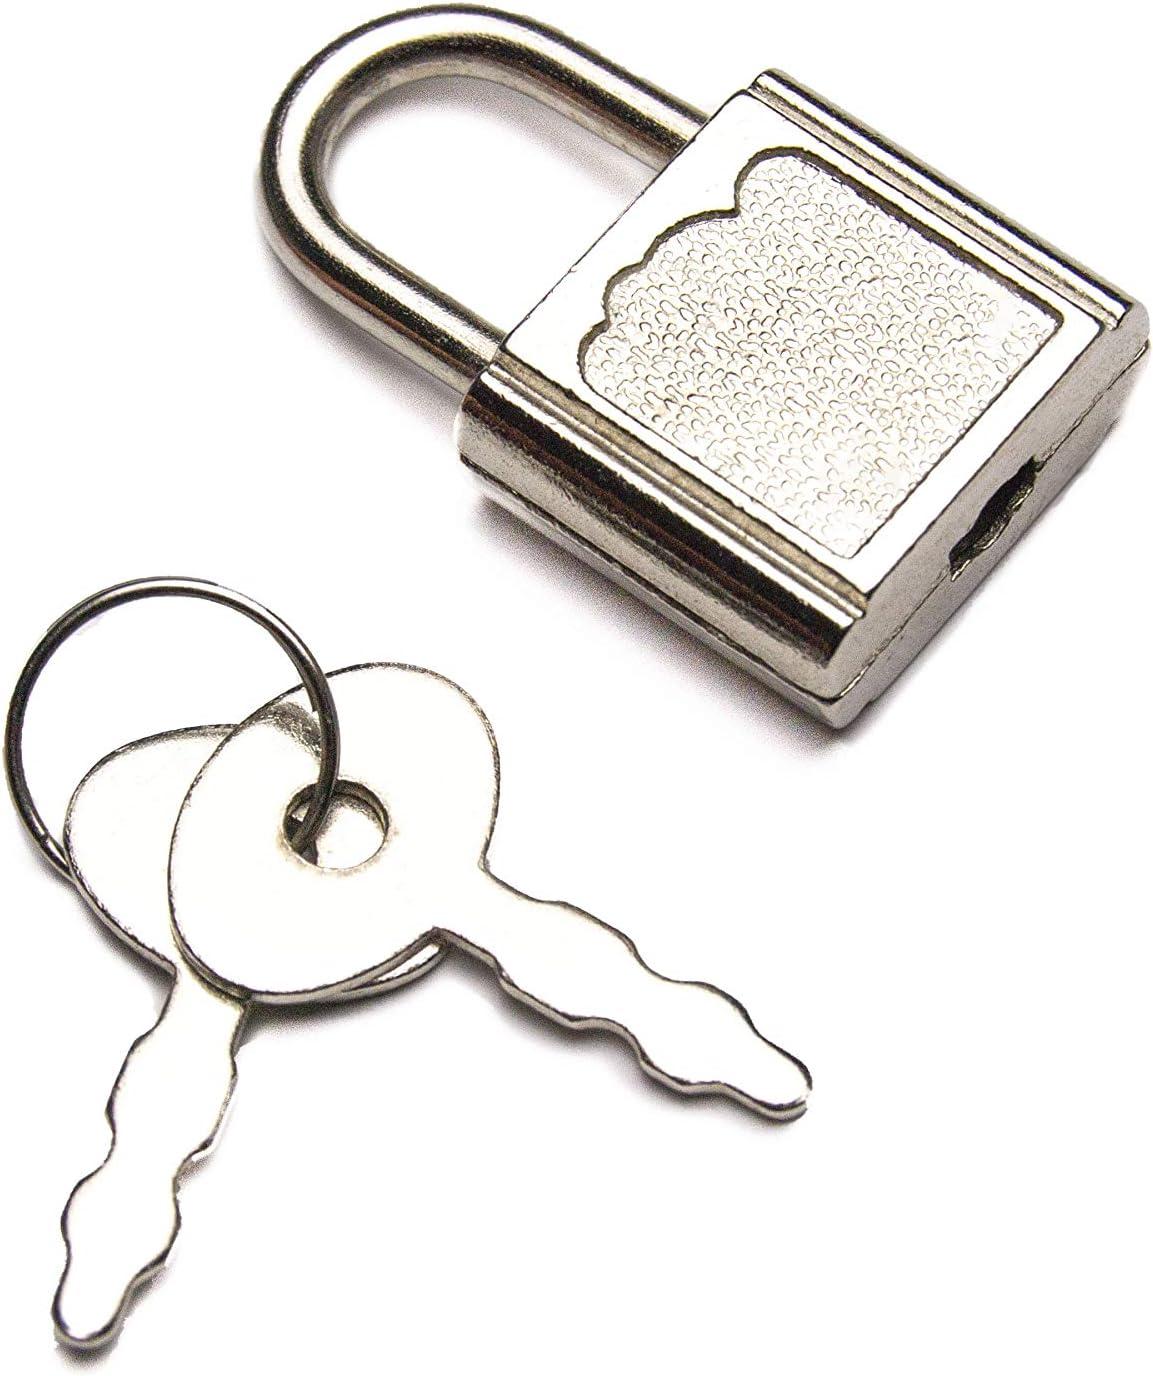 Journal secret 14,5 x 18,5 cm avec cadenas en m/étal et 2 cl/és.